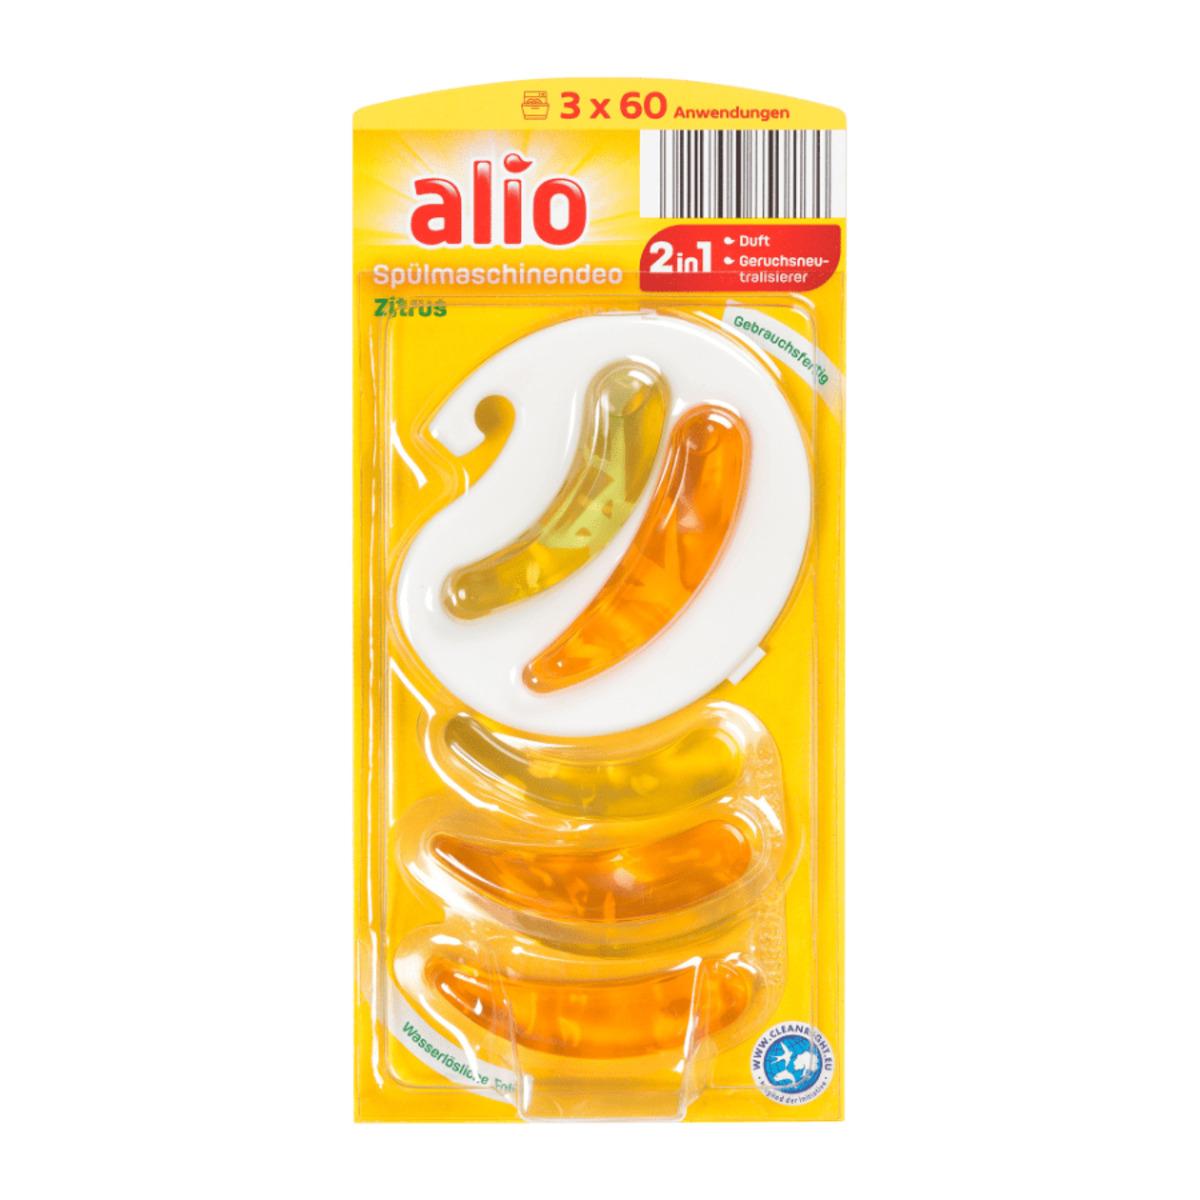 Bild 2 von ALIO     Spülmaschinendeo